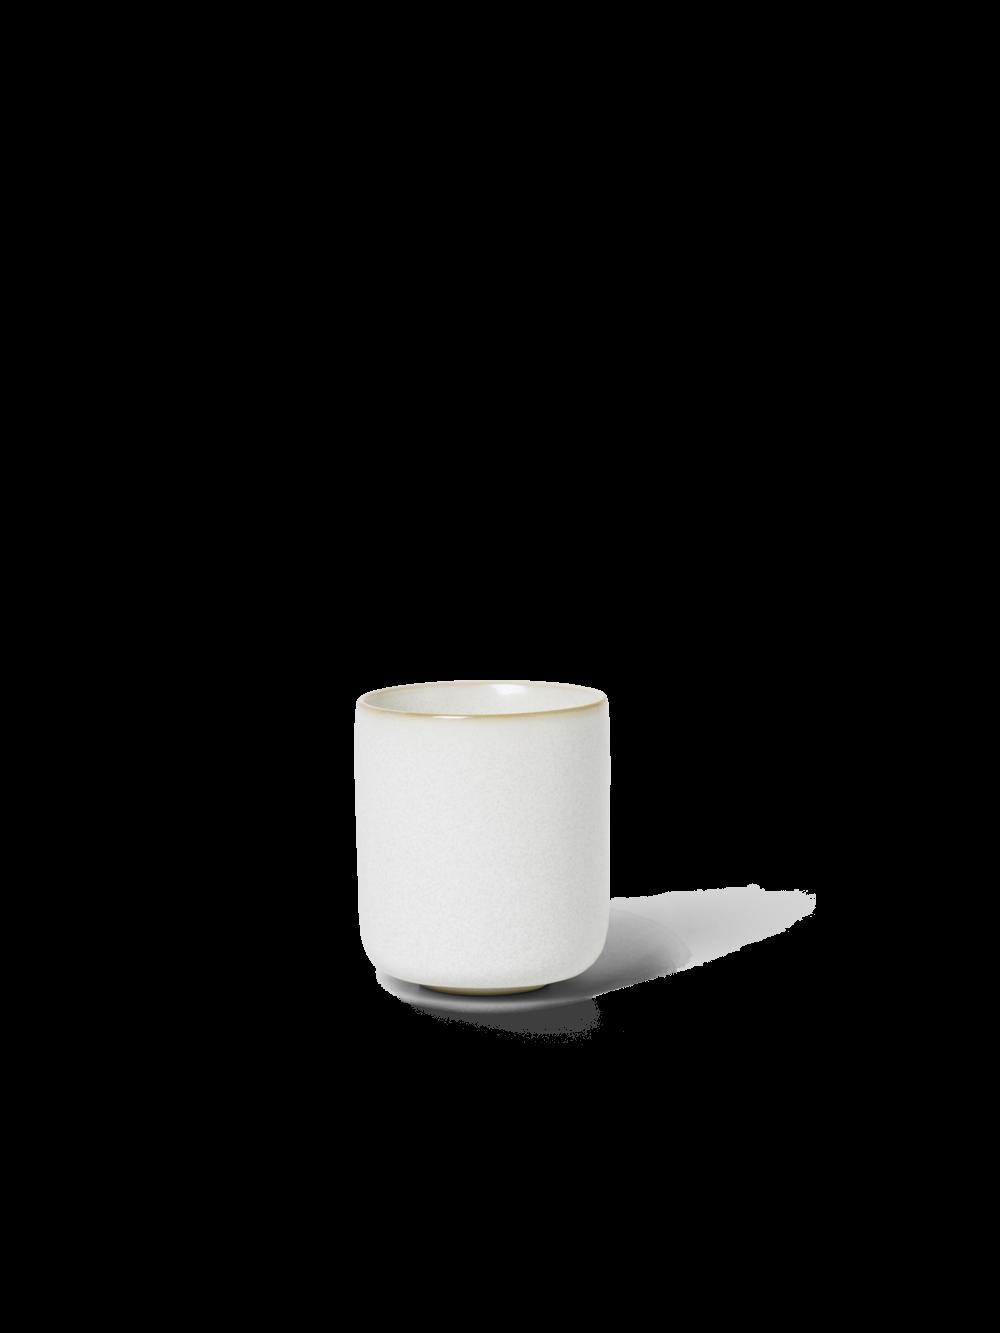 ferm living sekki cup small